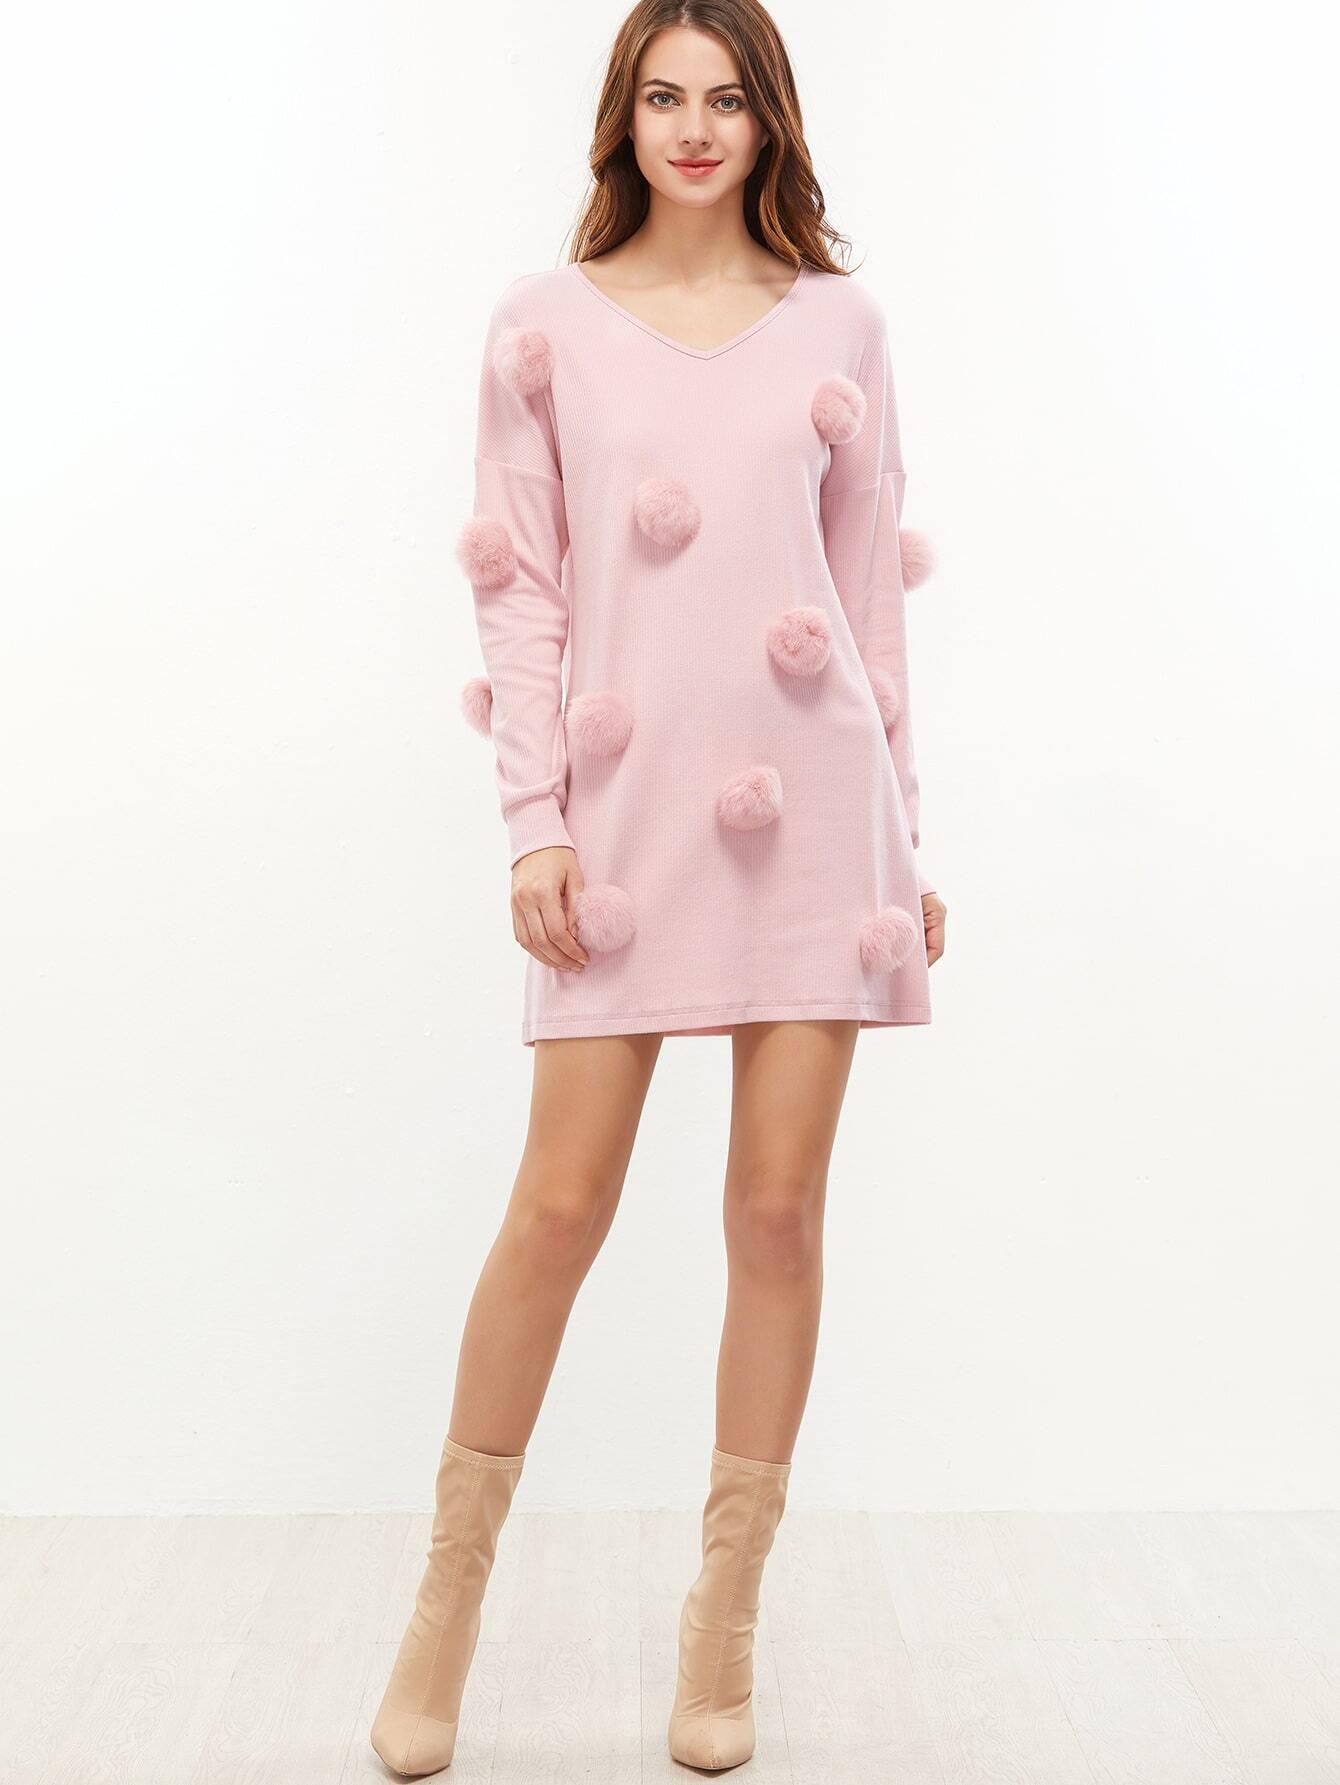 dress161201711_2